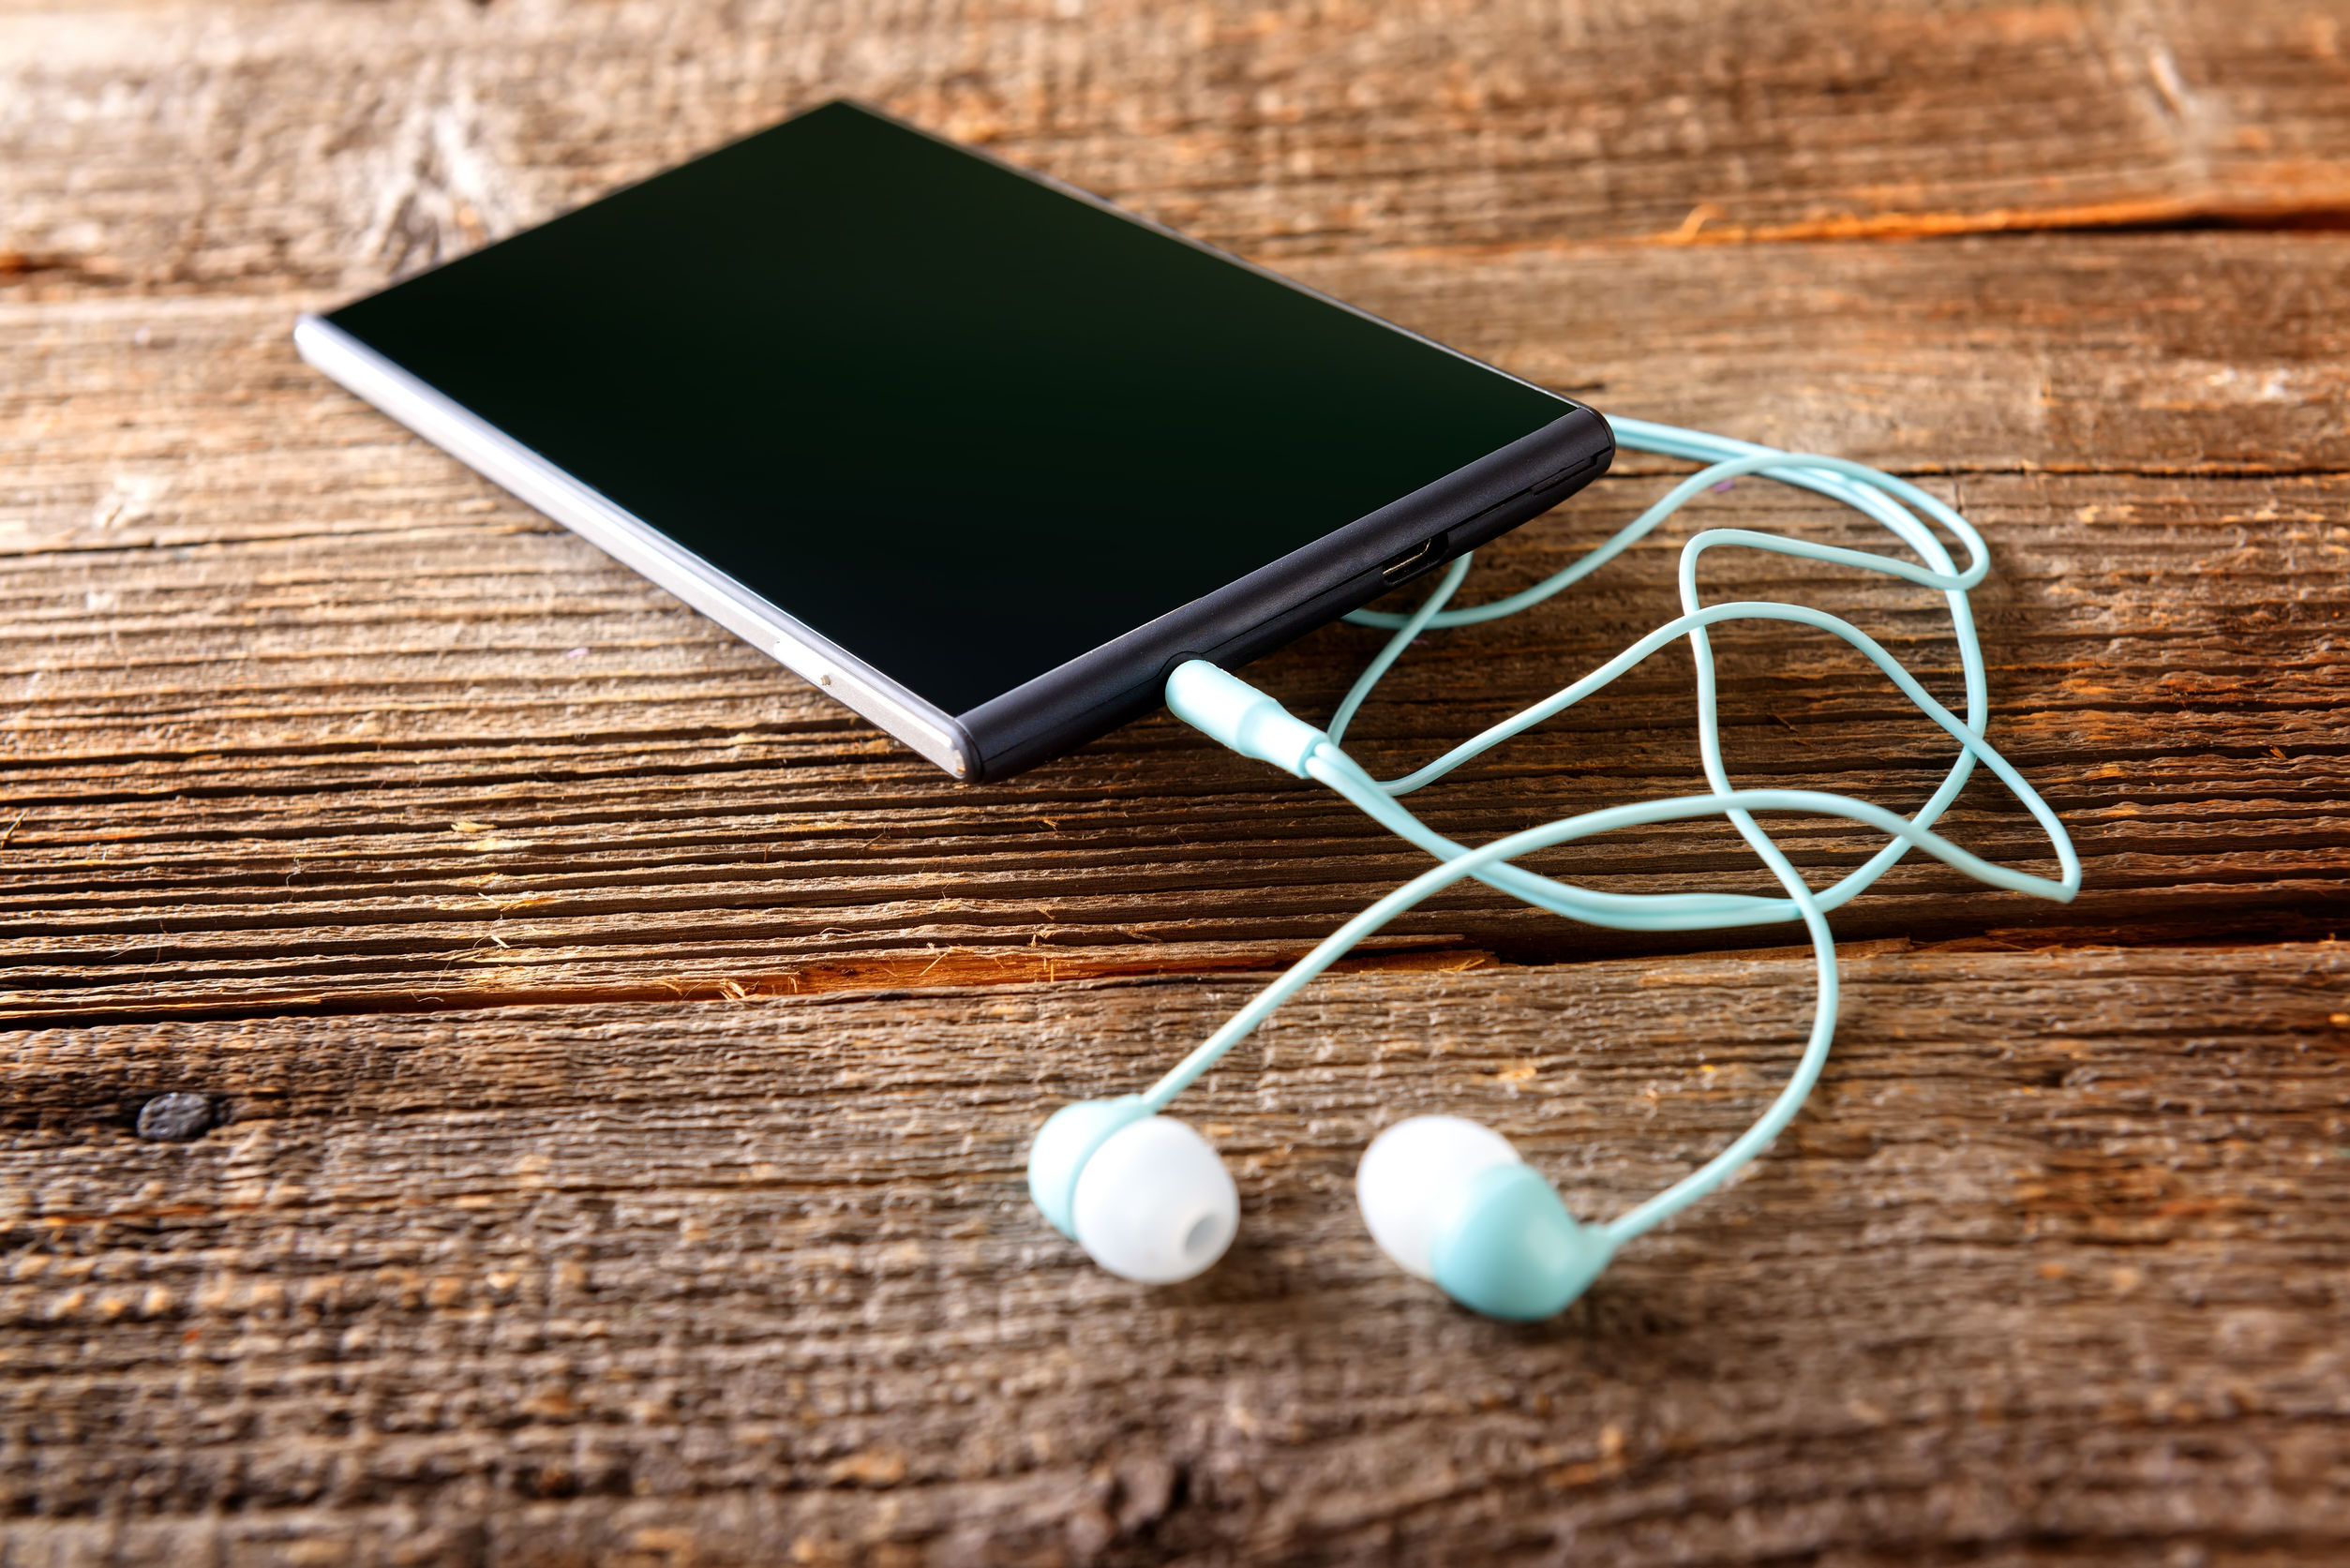 Miglior lettore MP3 2020: Guida all'acquisto